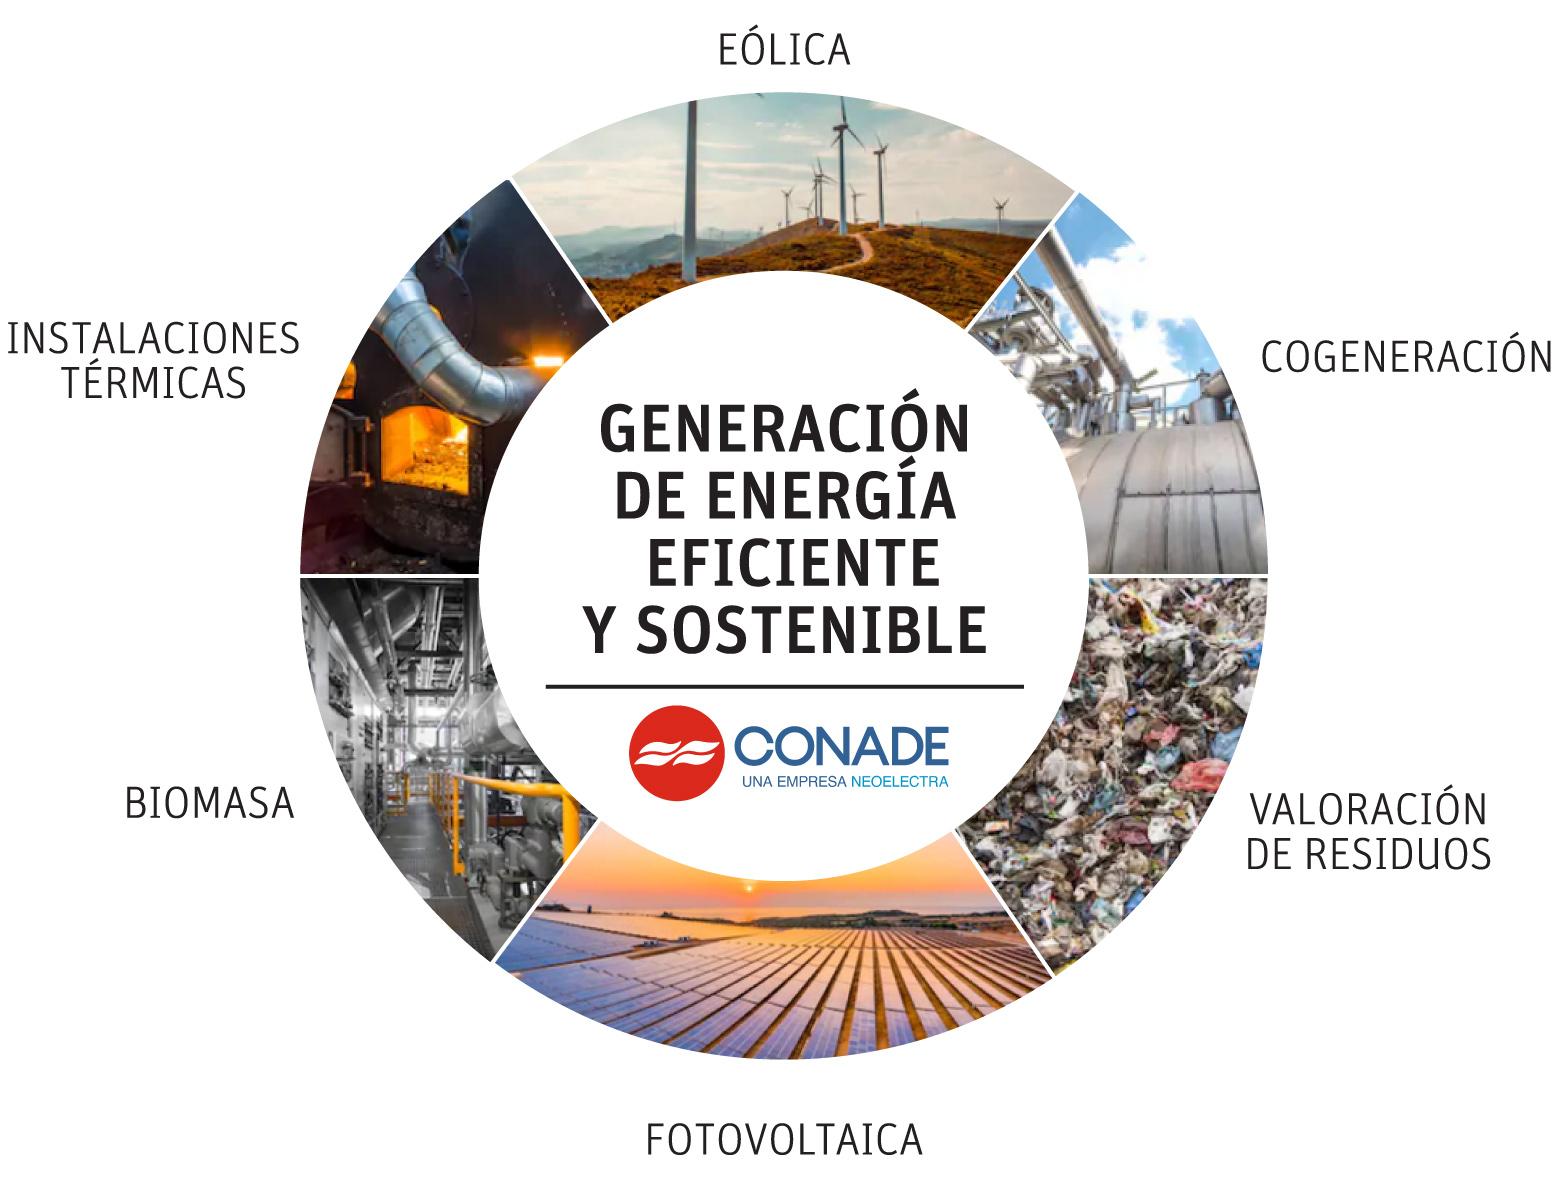 GENERACION-DE-ENERGIA-CONADE-NEOELECTRA